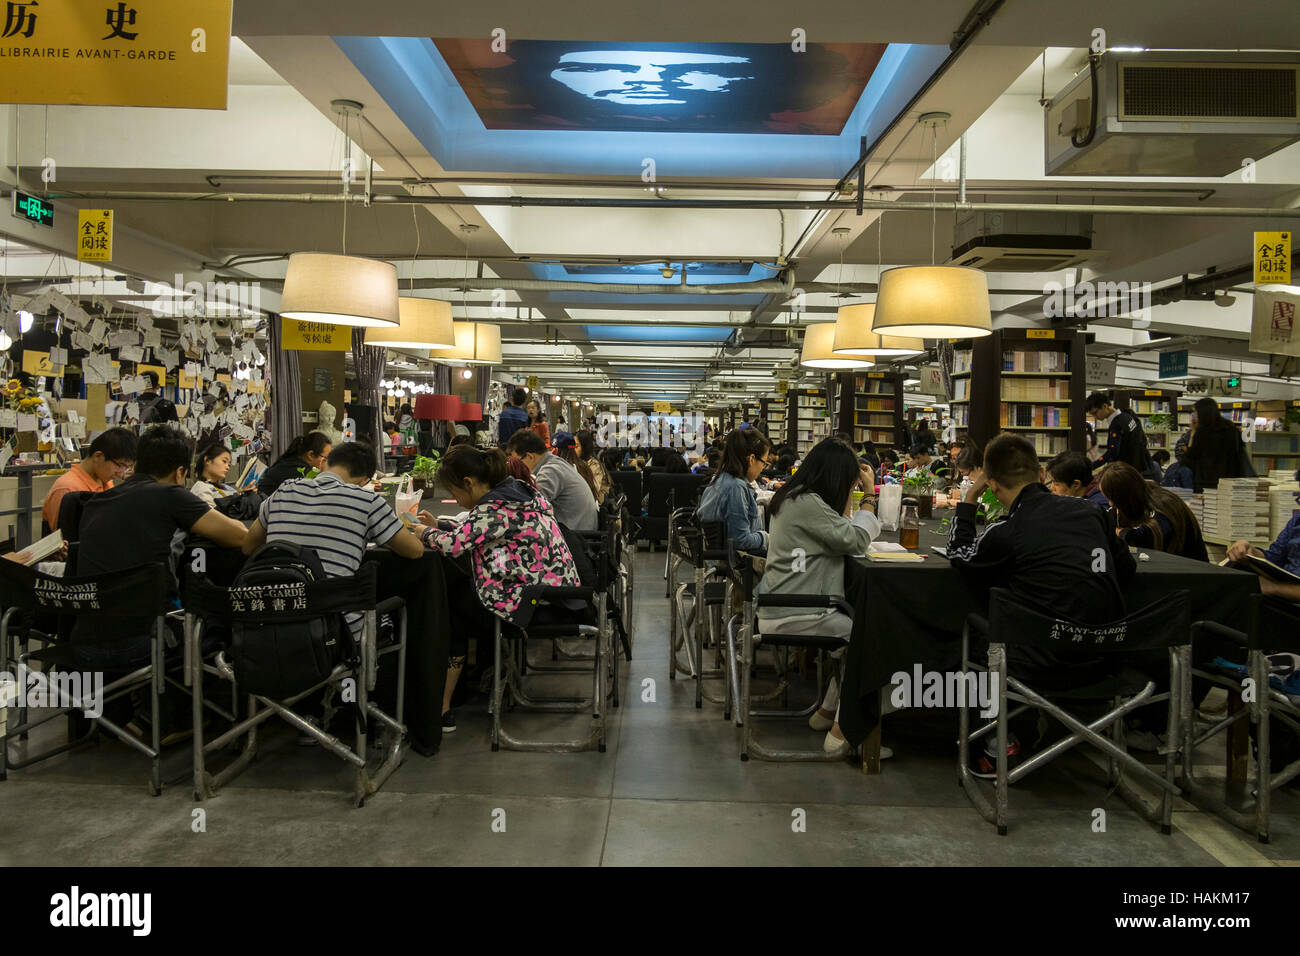 Librairie Avant Garde, Bookshop, Nanjing, Jiangsu, China Stock Photo